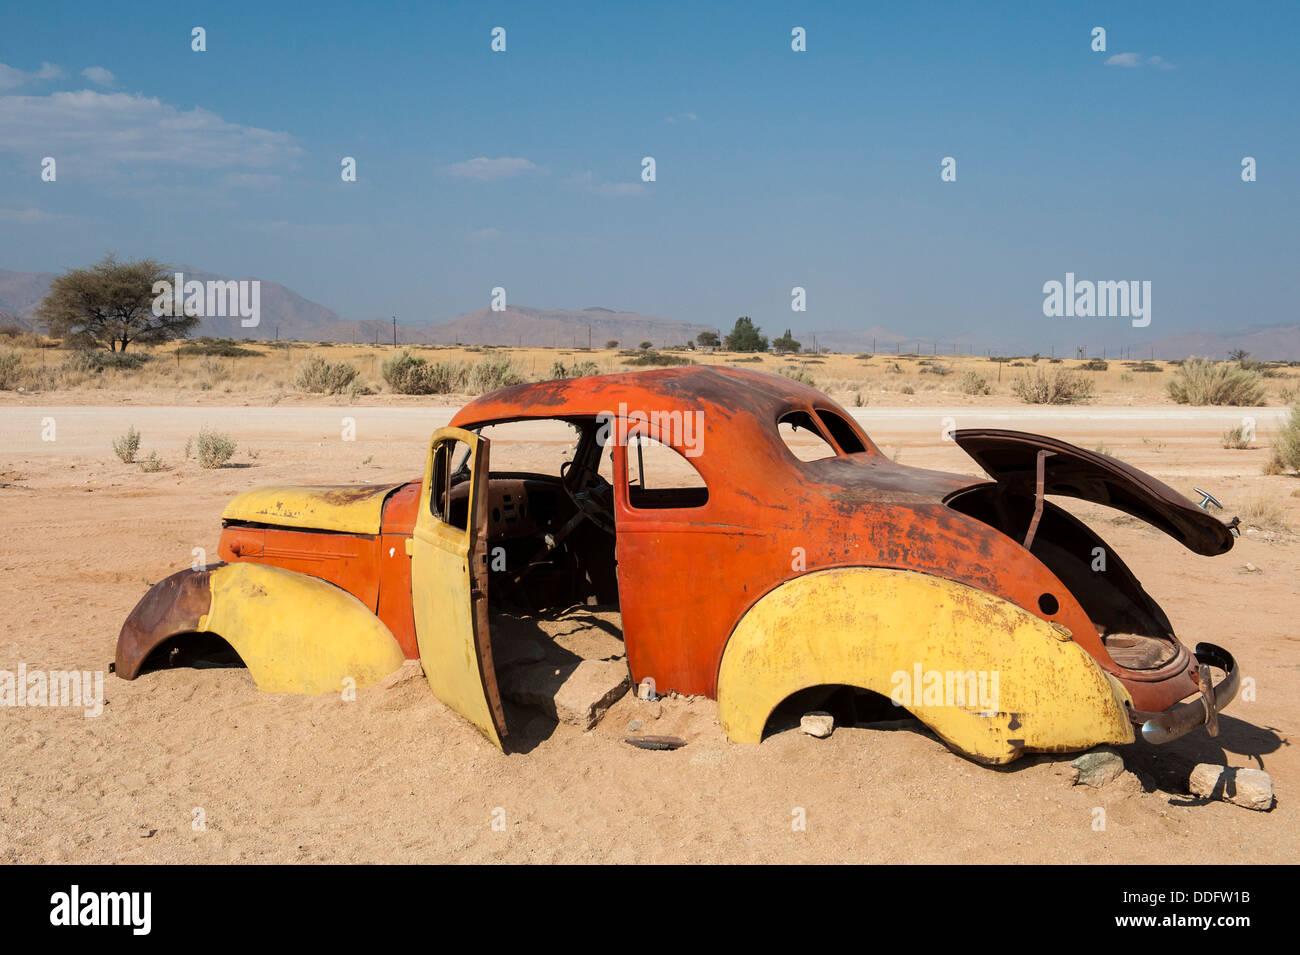 Vieille carcasse de voiture coincé dans le sable à Solitaire, Khomas region, Namibie Photo Stock